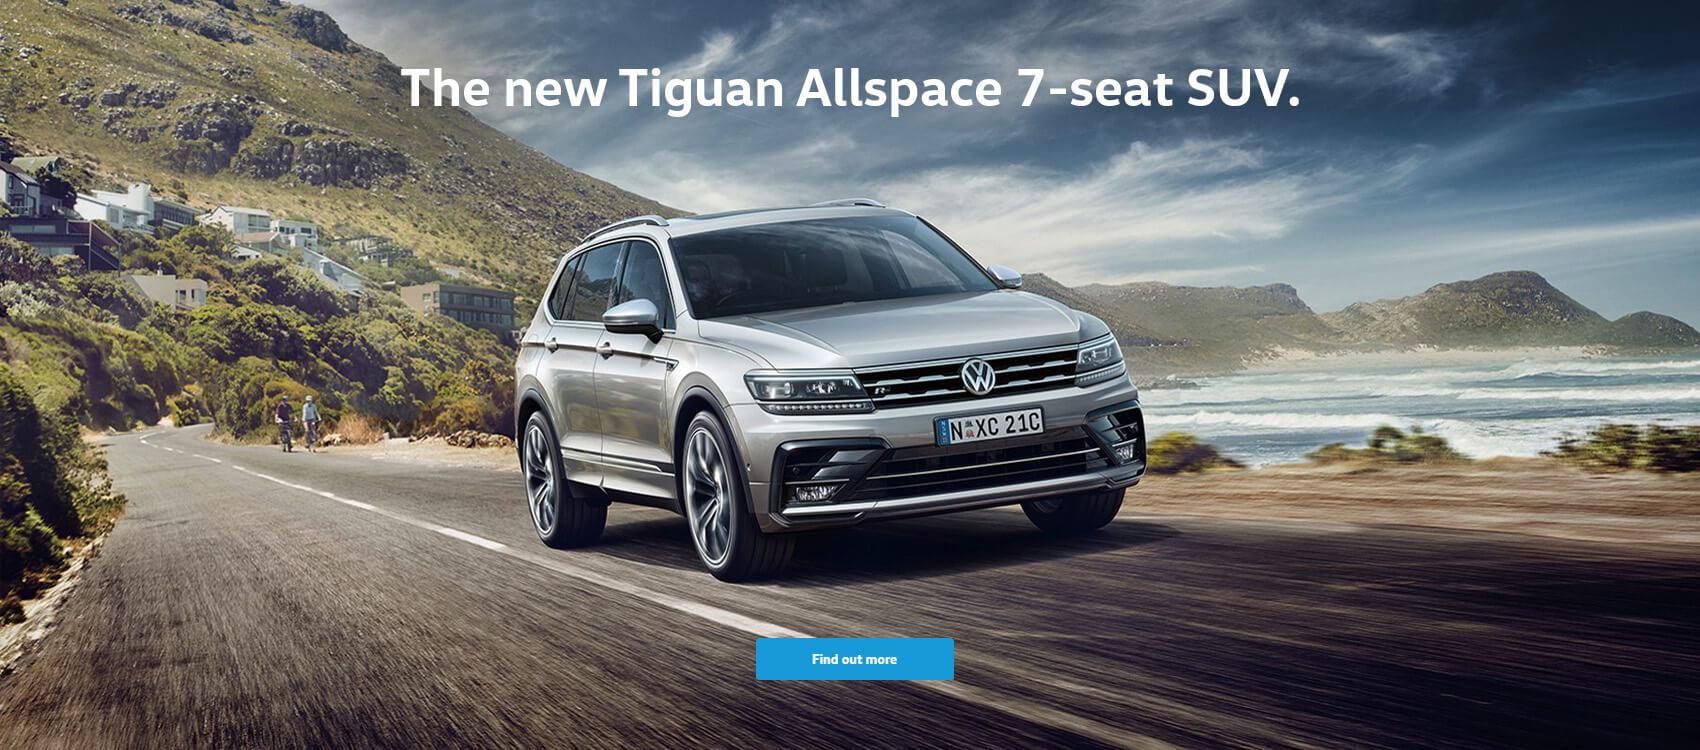 Volkswagen Dealer Brisbane Cricks Highway Volkswagen